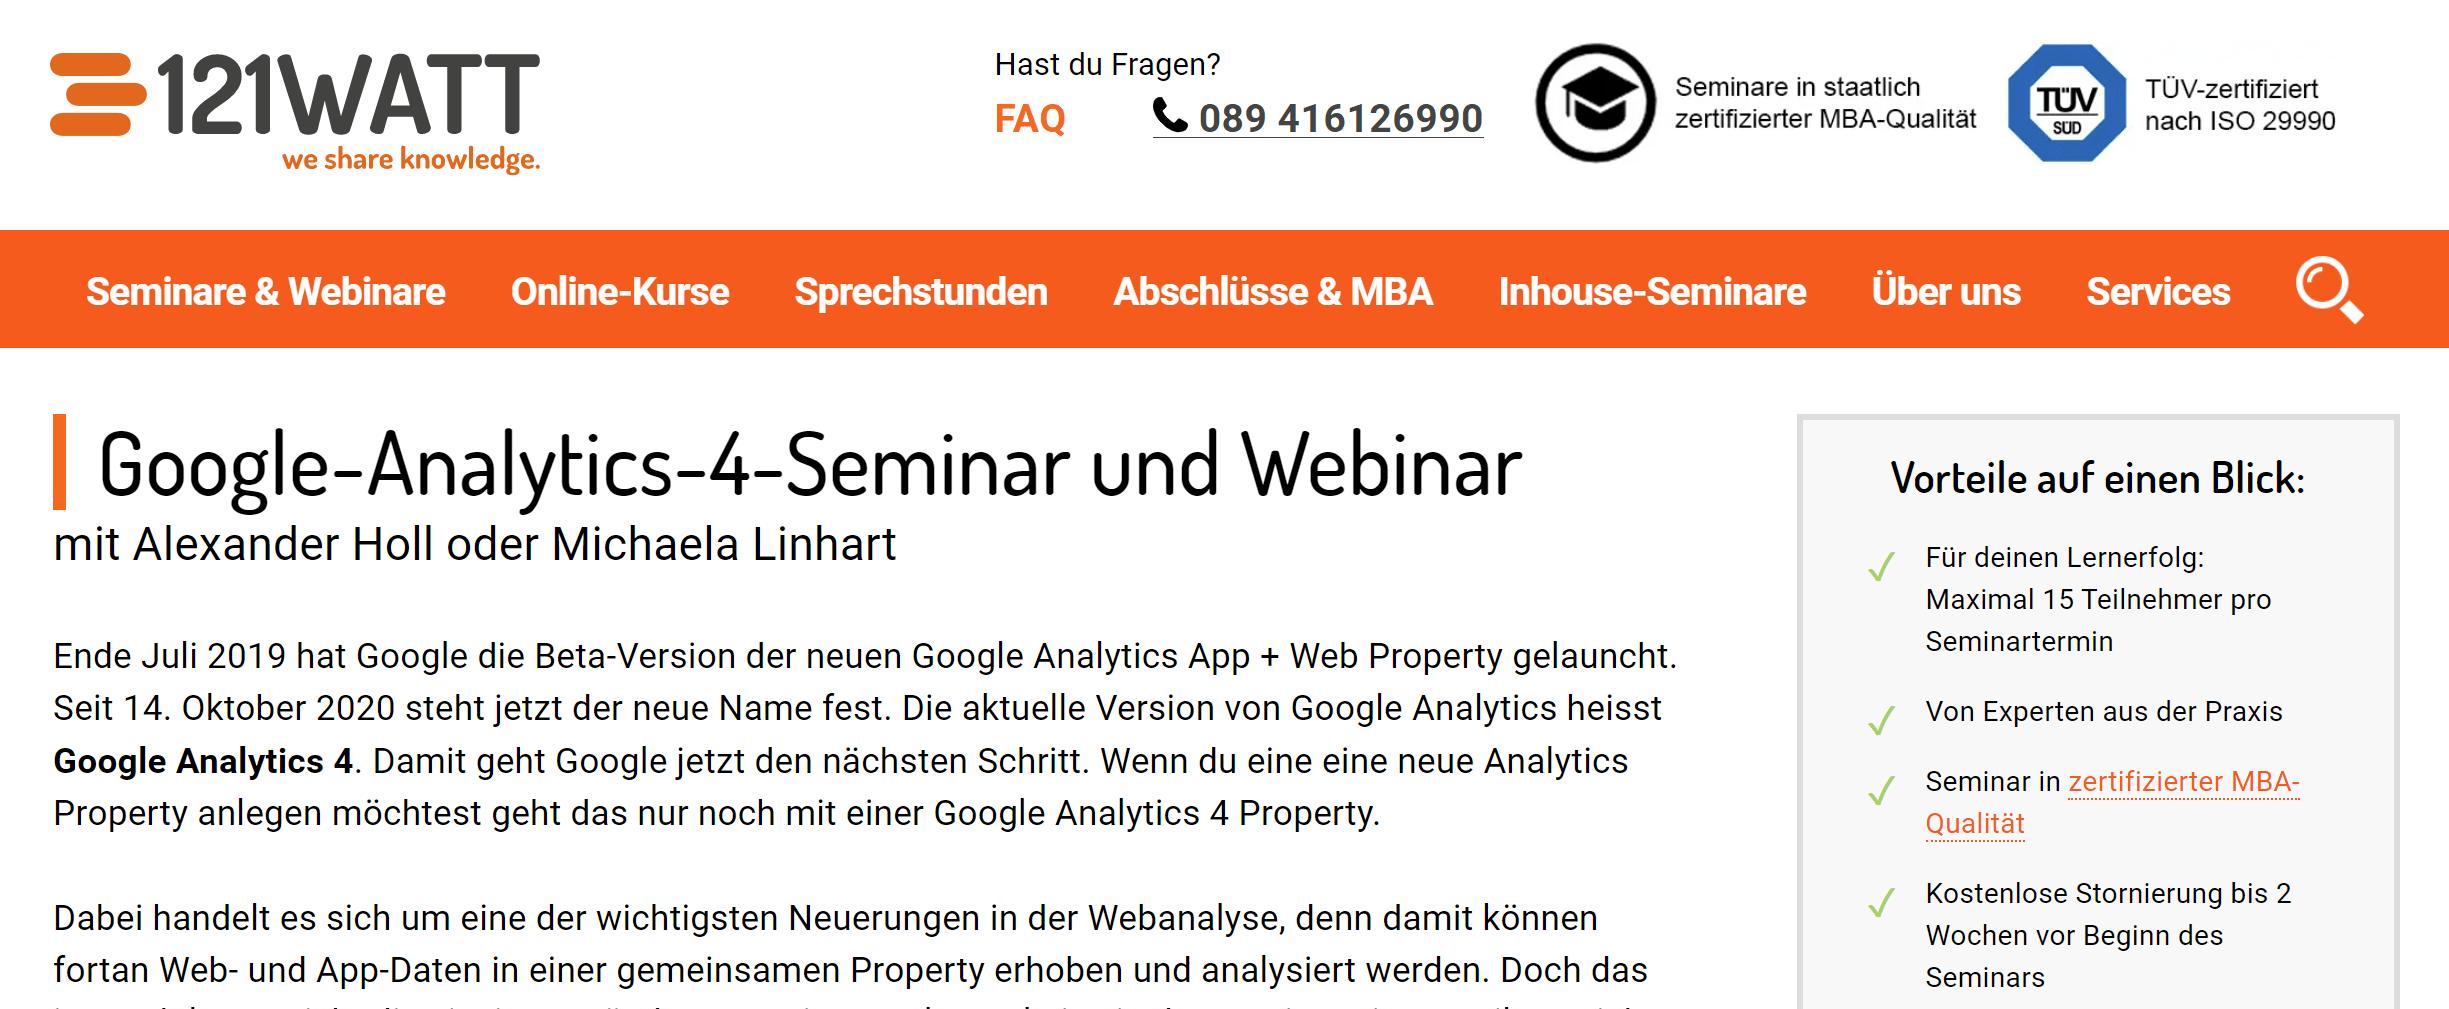 Google Analytics 4 Seminar bei 121Watt